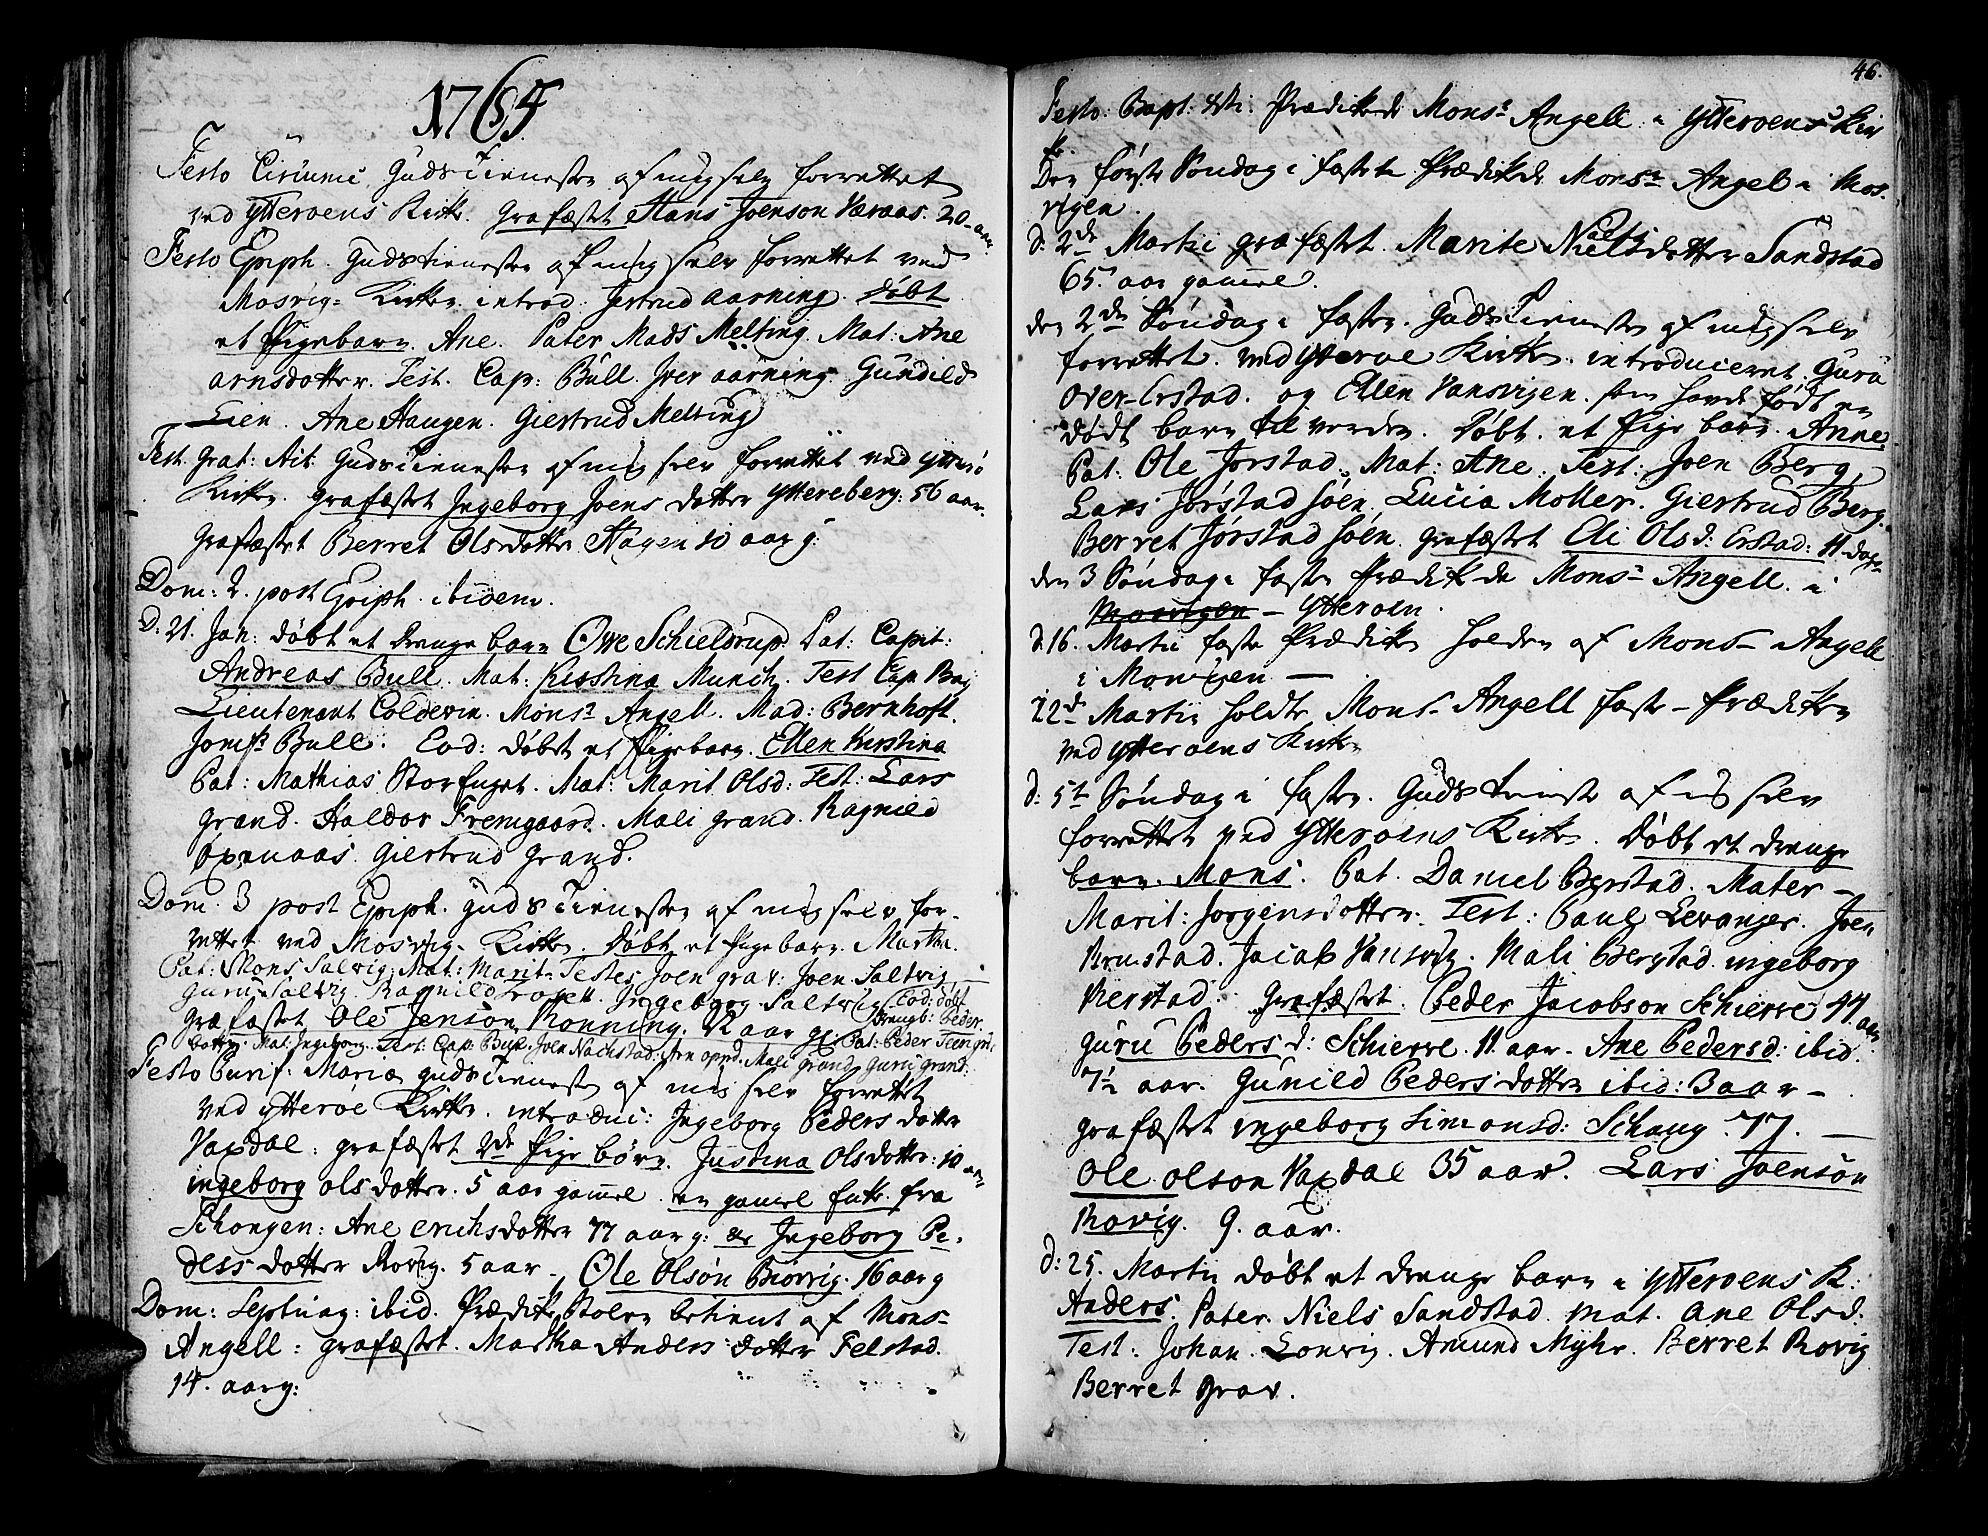 SAT, Ministerialprotokoller, klokkerbøker og fødselsregistre - Nord-Trøndelag, 722/L0216: Ministerialbok nr. 722A03, 1756-1816, s. 46